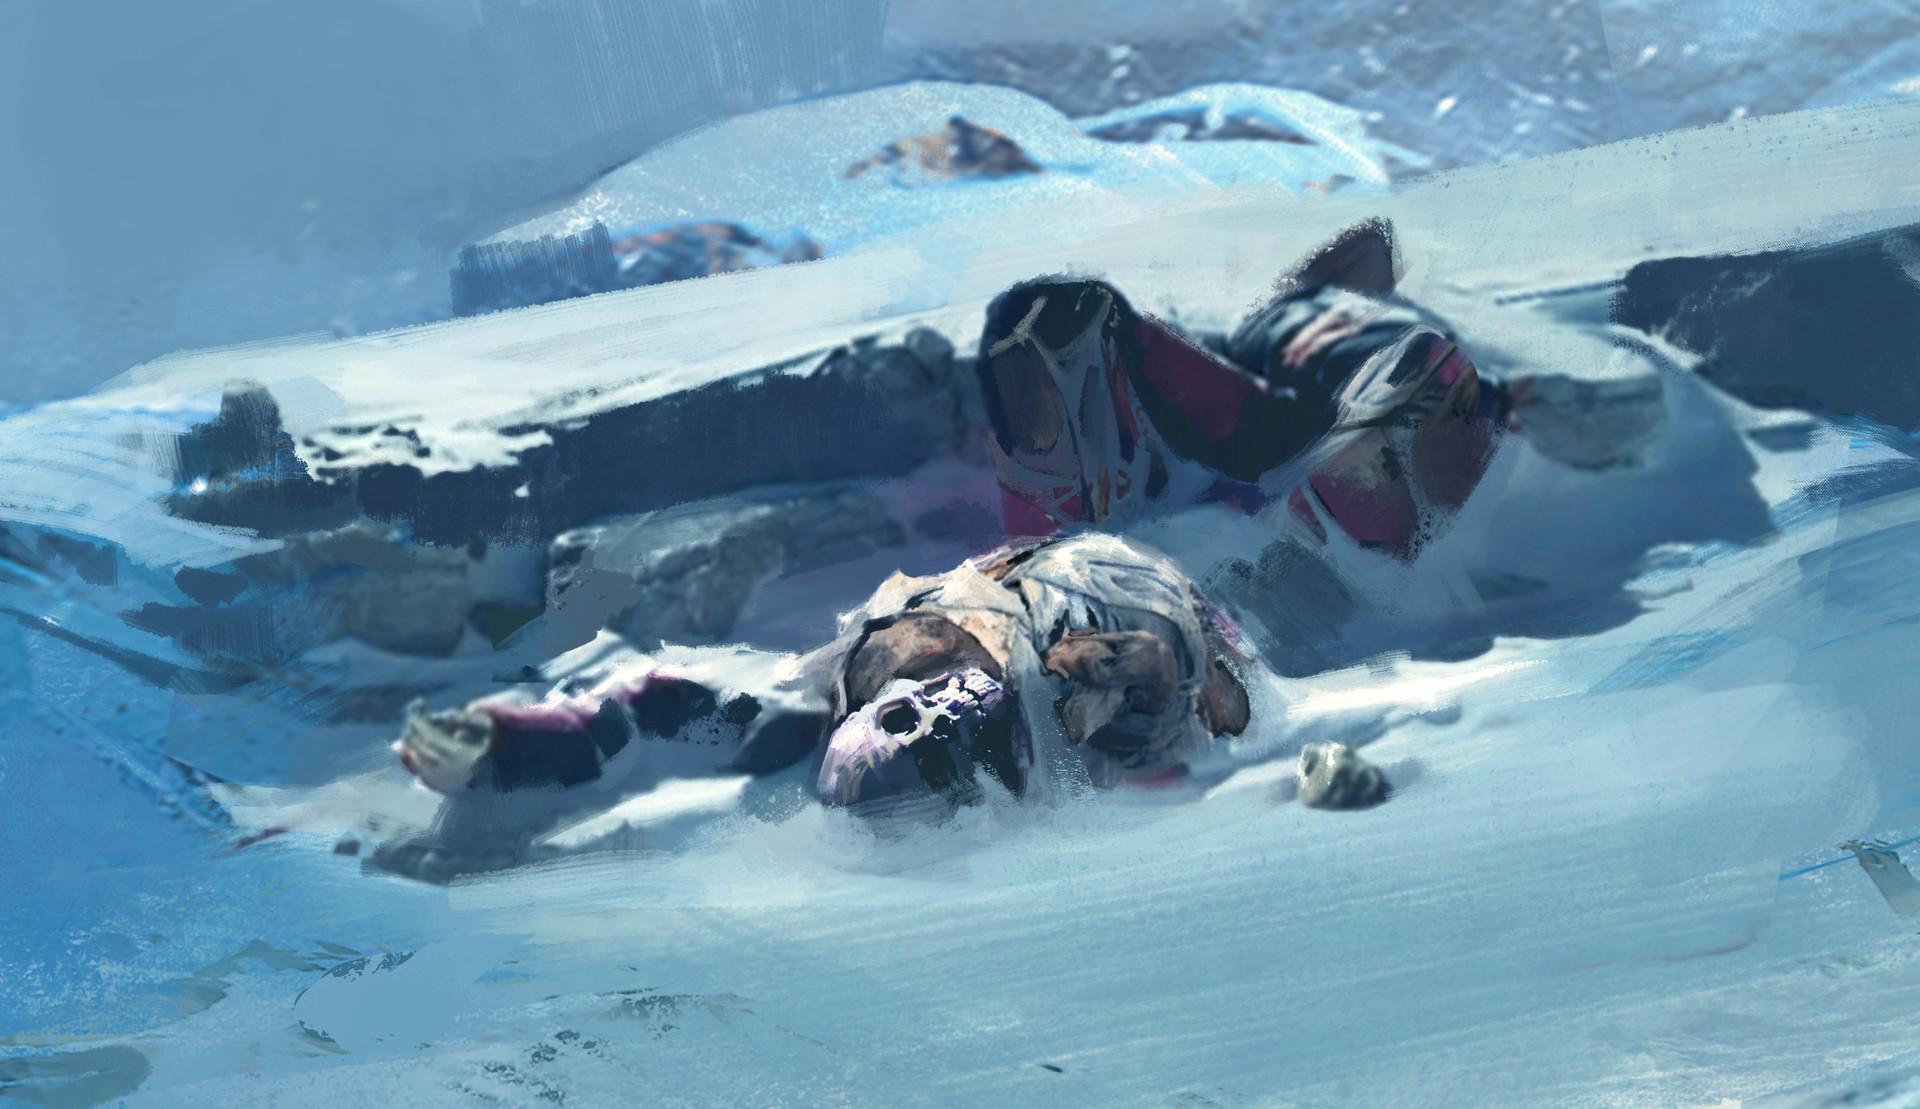 sebastian kowoll frozenexplorers1